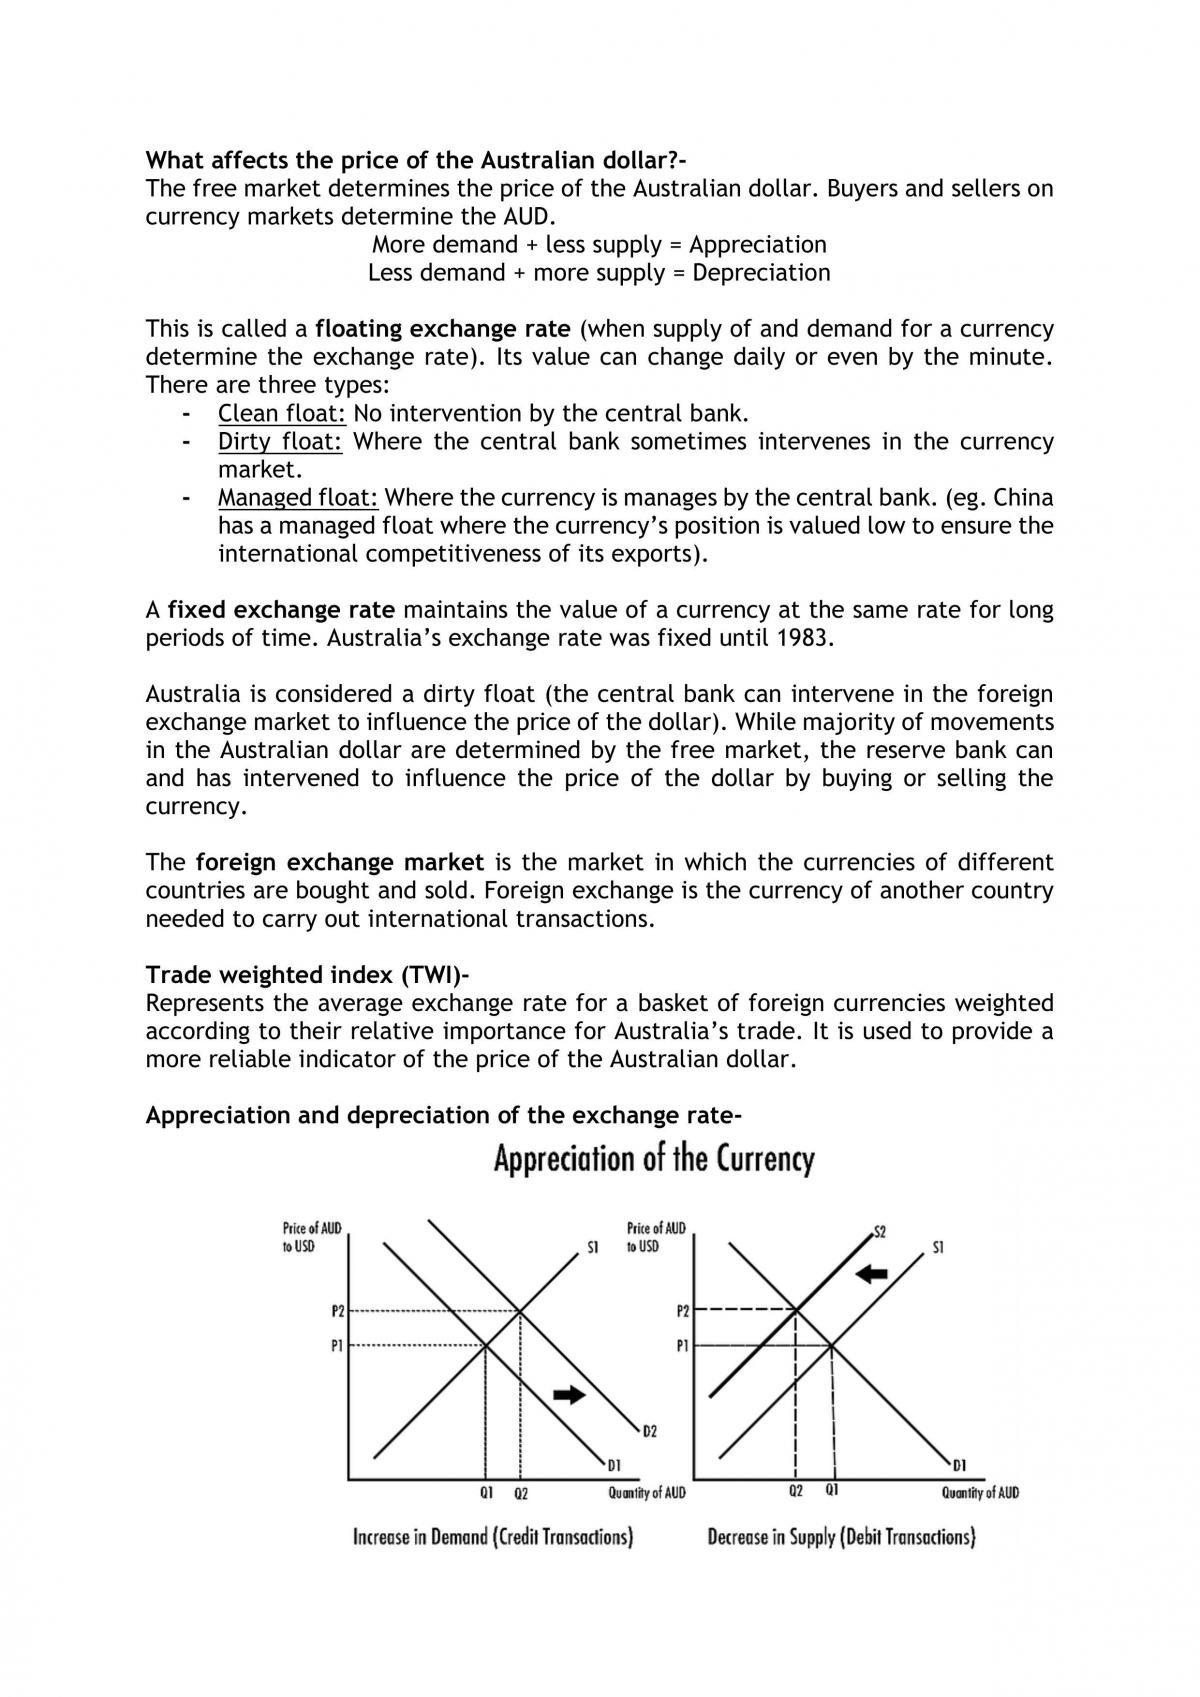 Economics ATAR Unit 4 Notes - Page 17